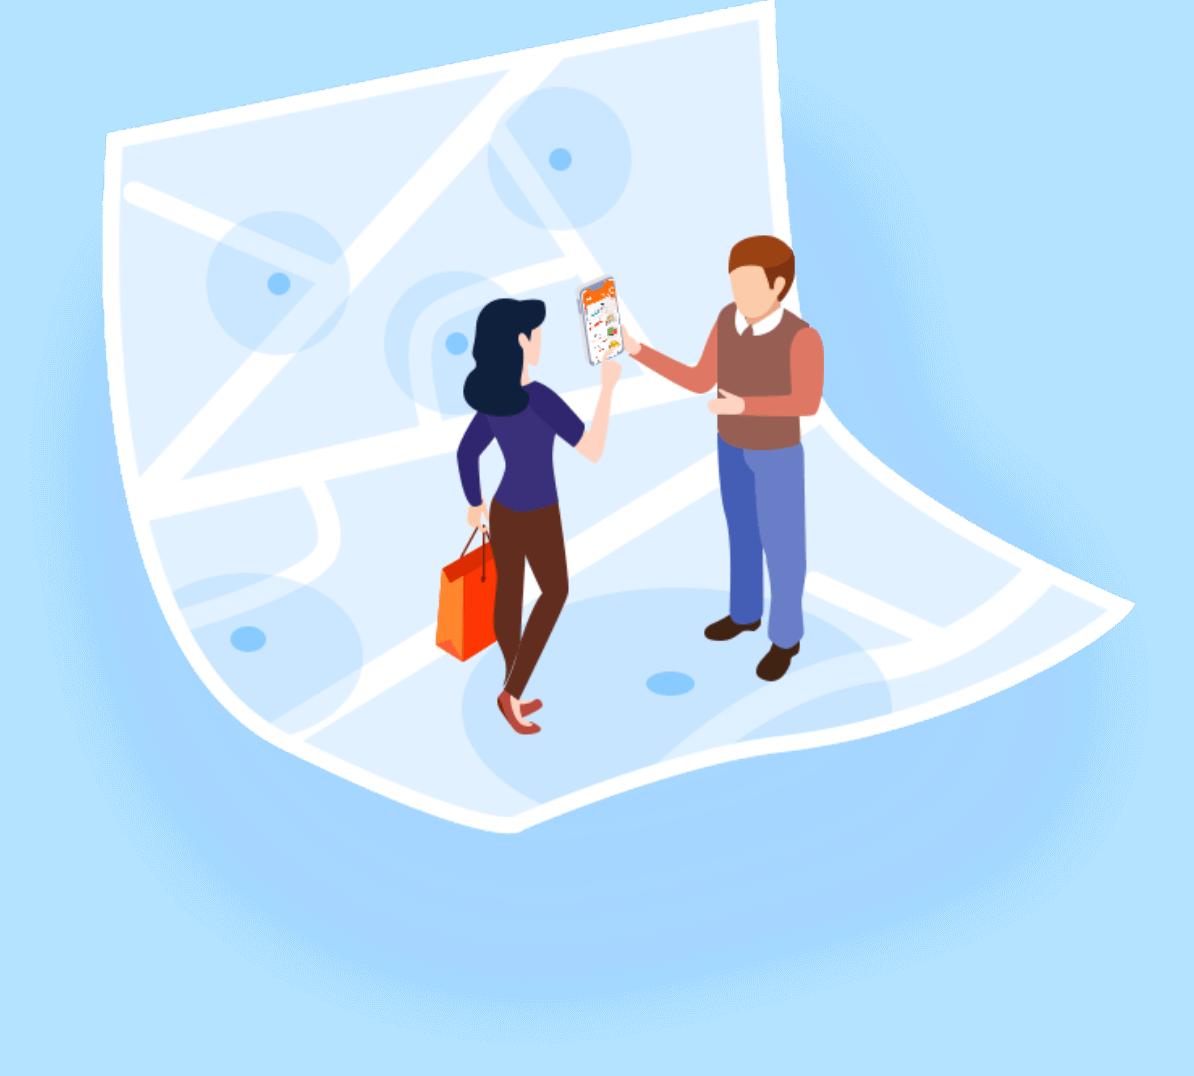 社区团购系统,基于微信小程序契合新型社区消费场景的团购系统,惠拼乐社区团购系统提供强大的系统功能支撑,如多种扩客留客工具,会议权益机制,全方位助力社区用户团购消费